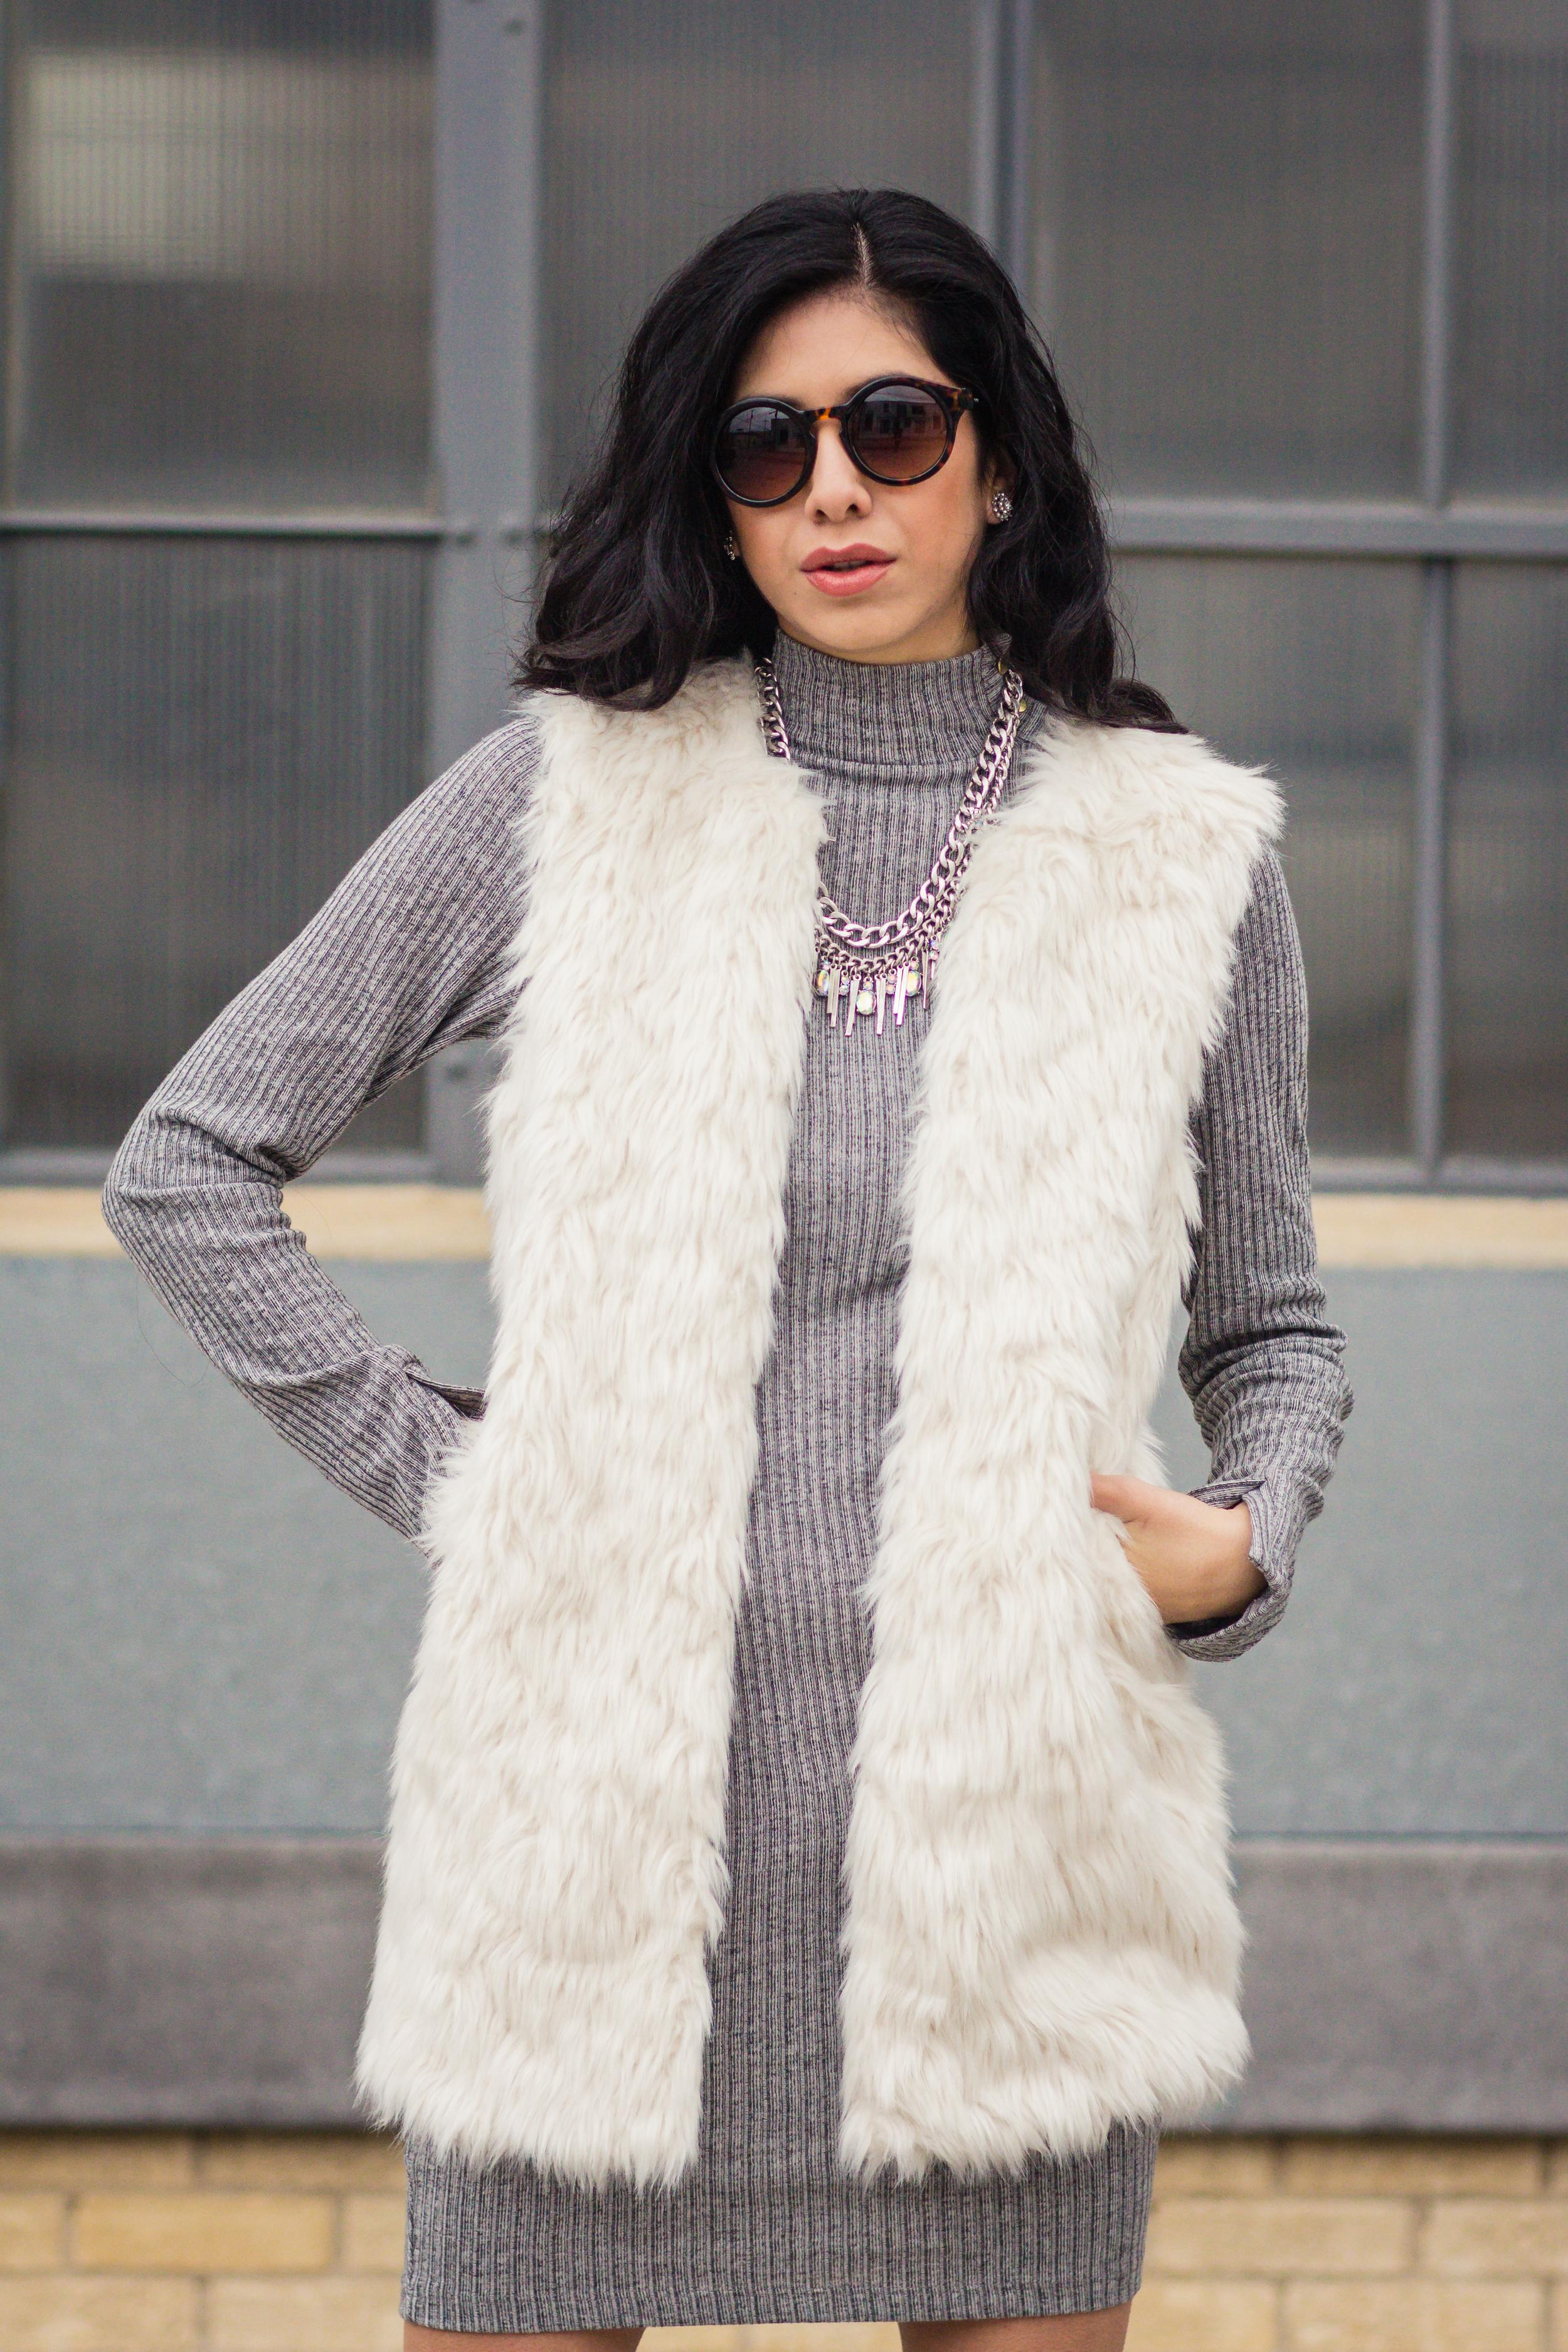 Vanessa white fur vest-5692